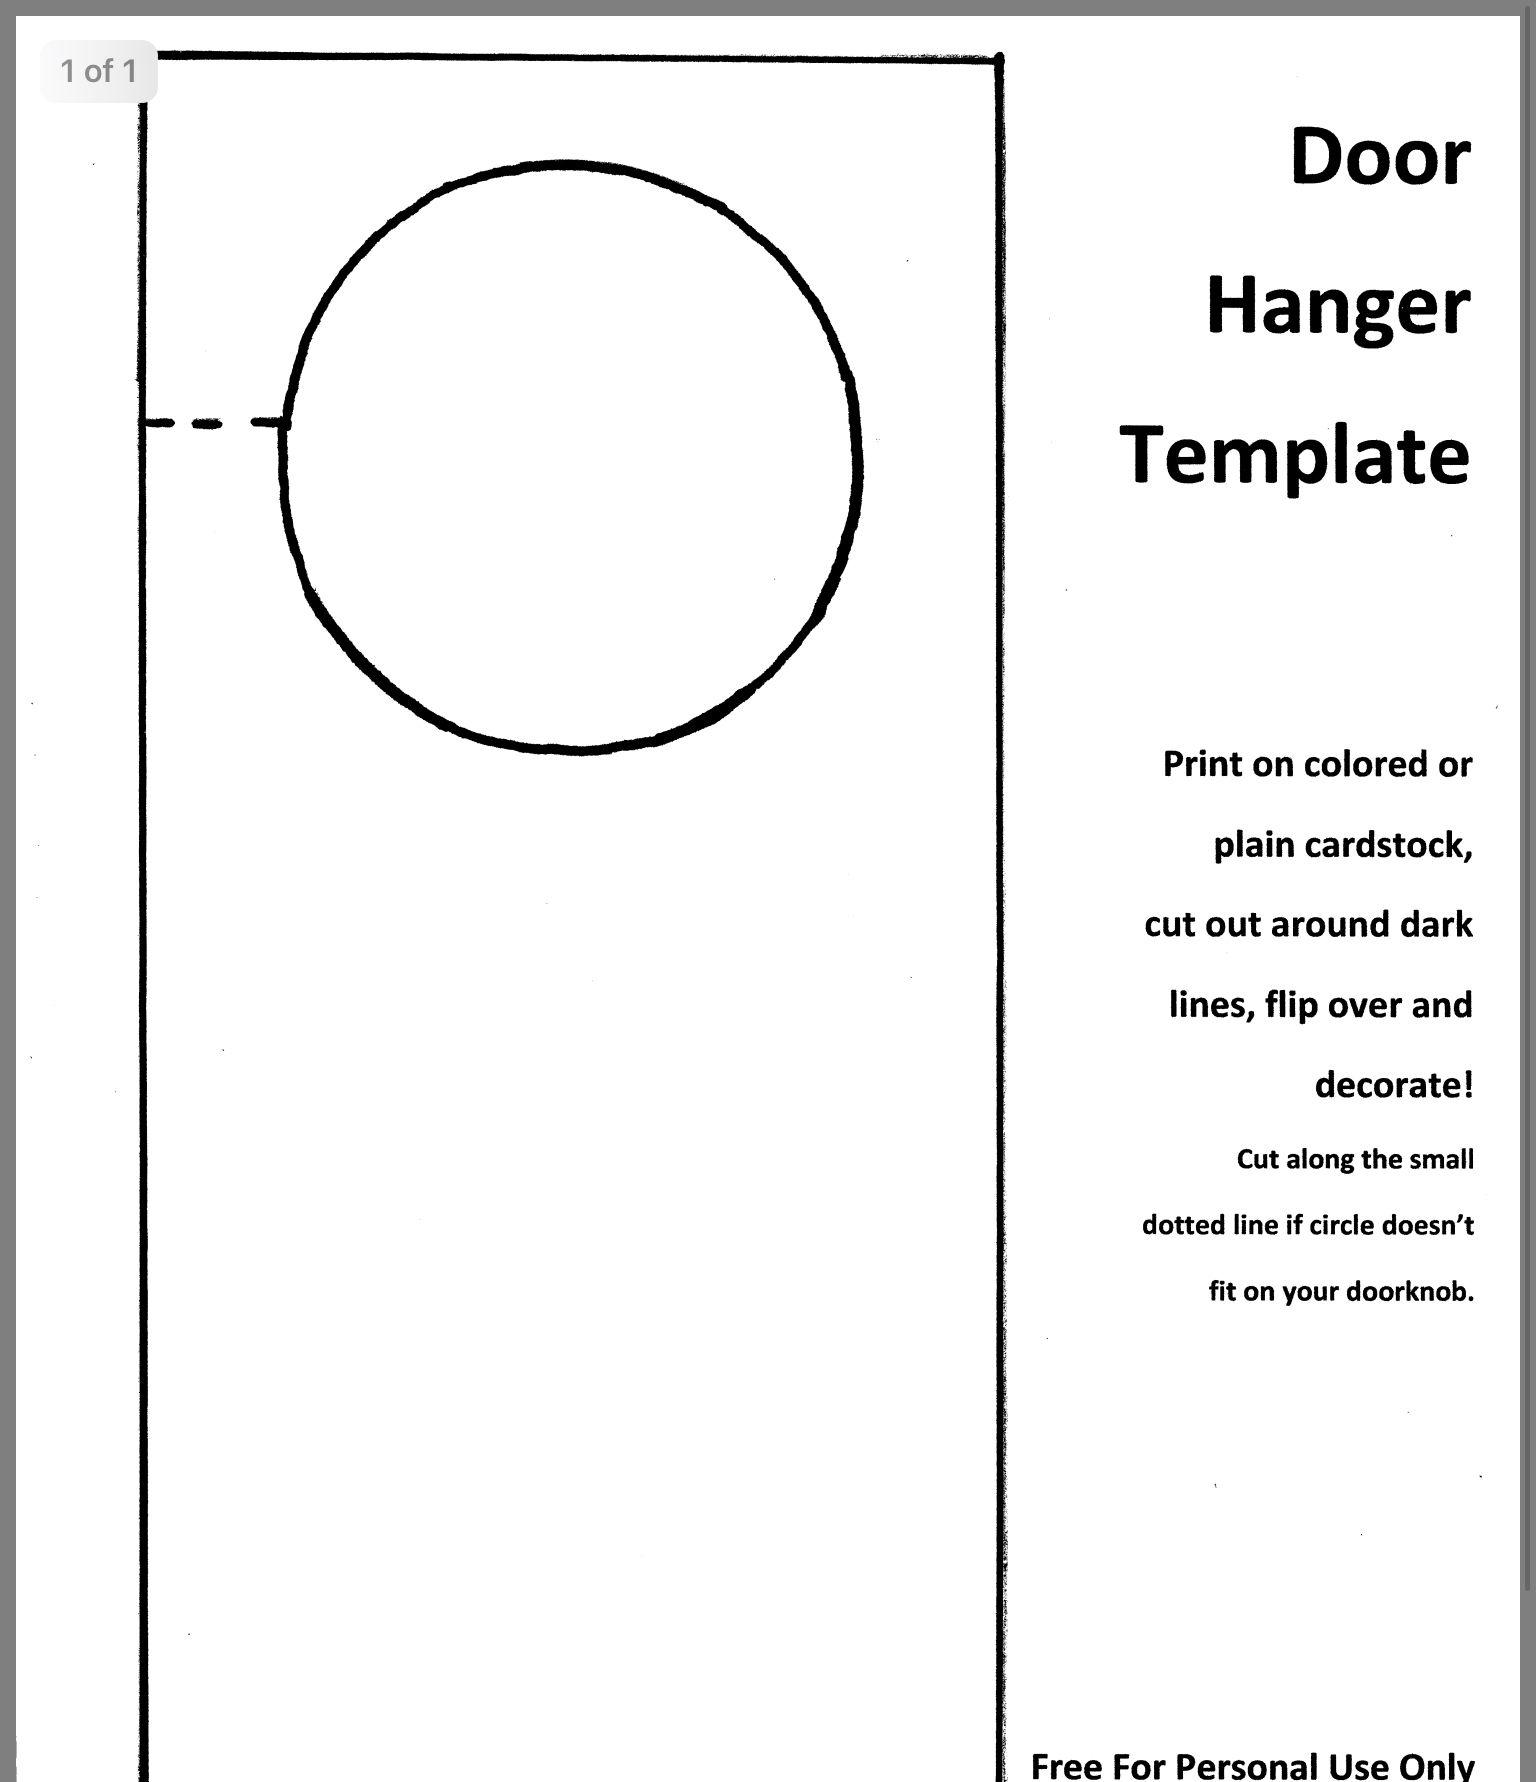 Pin By Chantelle Koronko On Thank You Cards Diy Door Hanger Template Doorknob Hangers Door Hangers